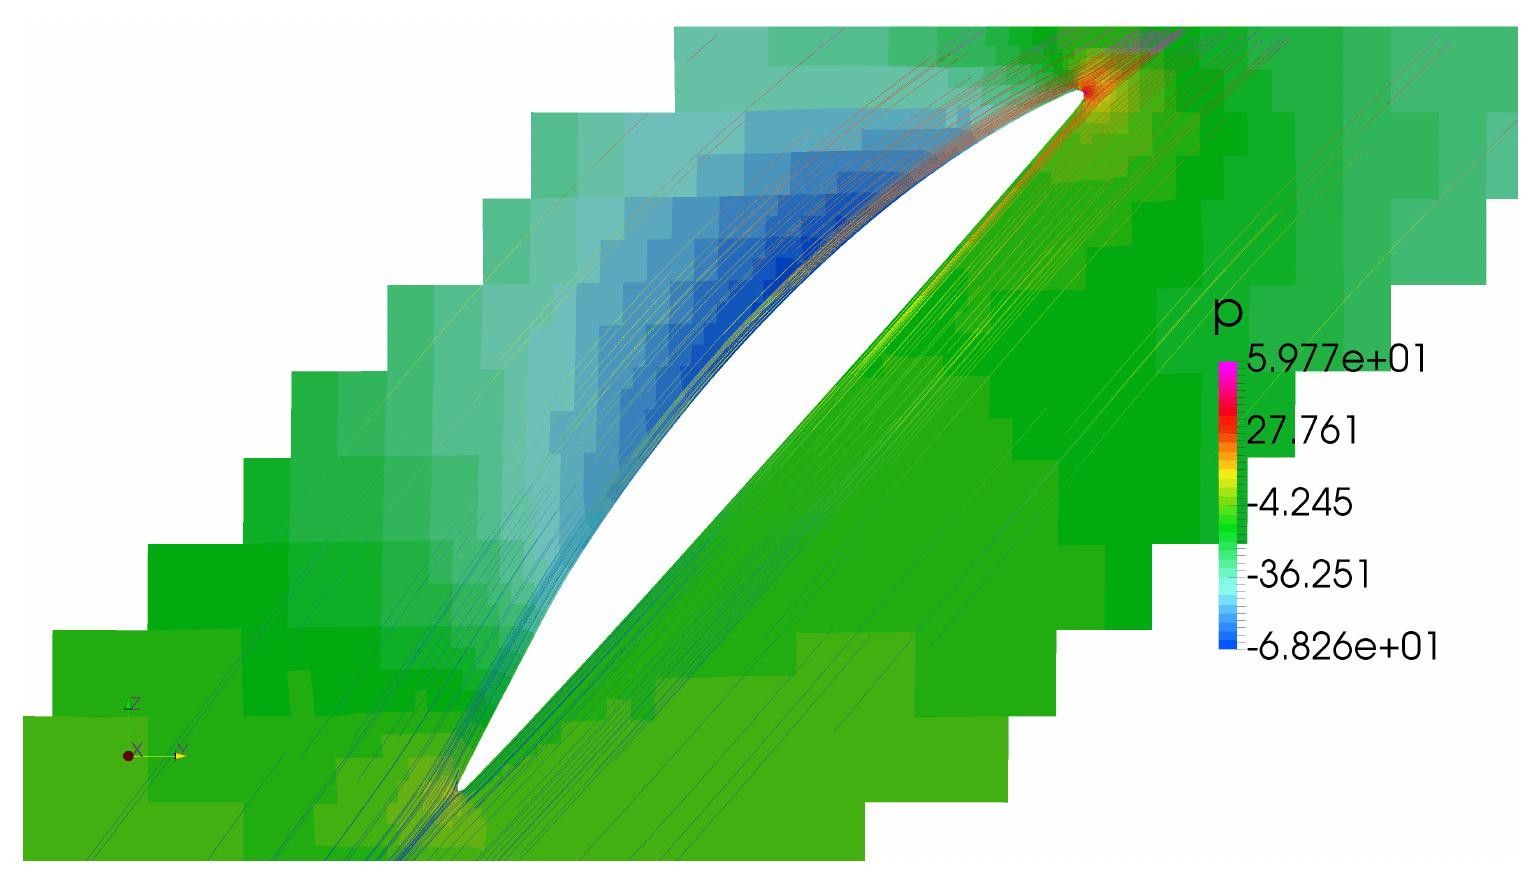 Relativgeschwindigkeiten am Propellerflügel